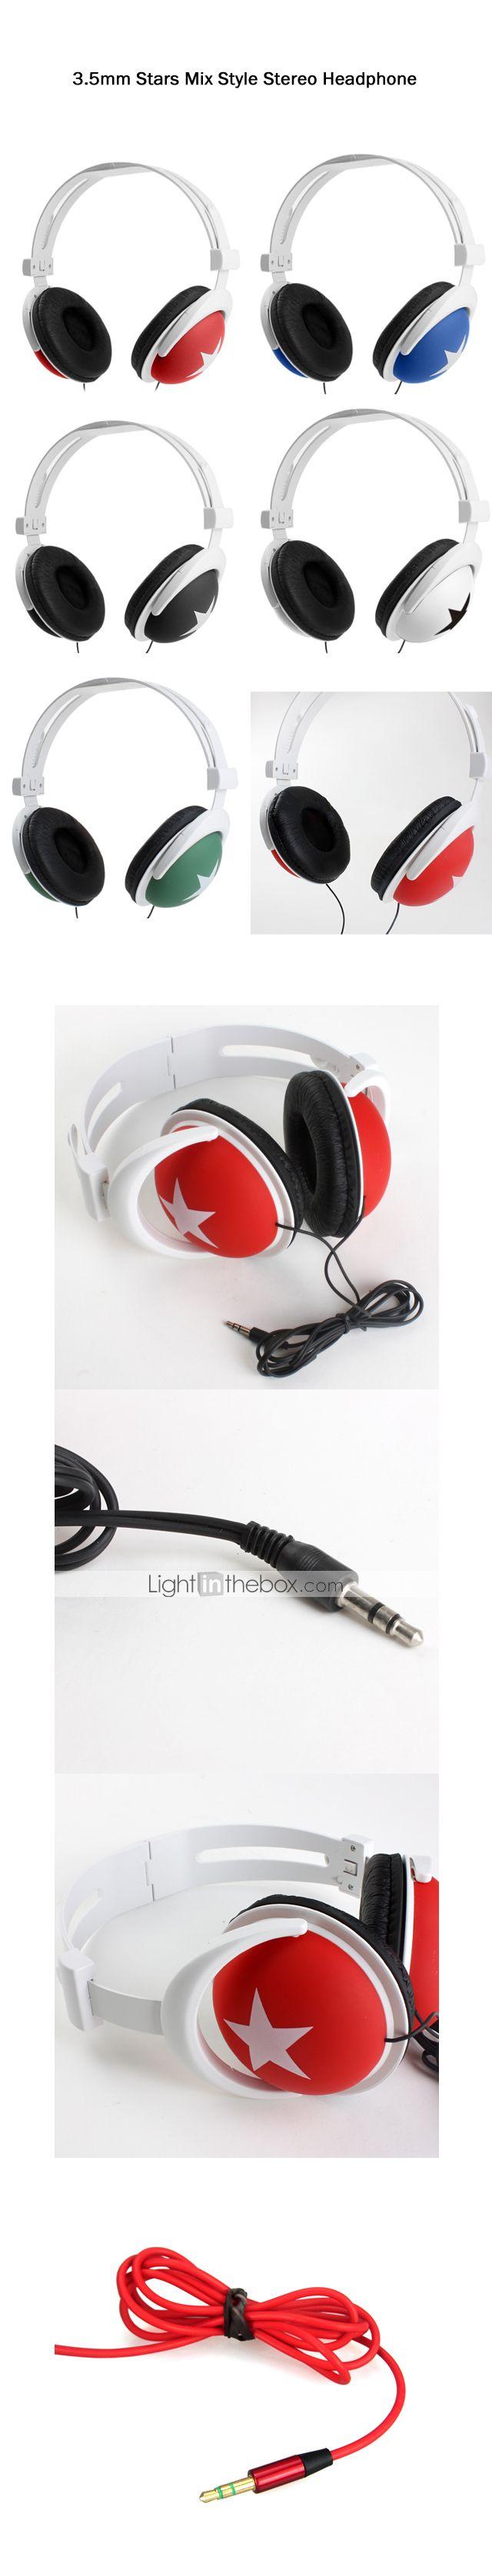 casque 3,5 mm stéréo sur l'oreille contrôle du volume pour lecteur media / tablette (couleurs assorties) - CAD $ 6.64